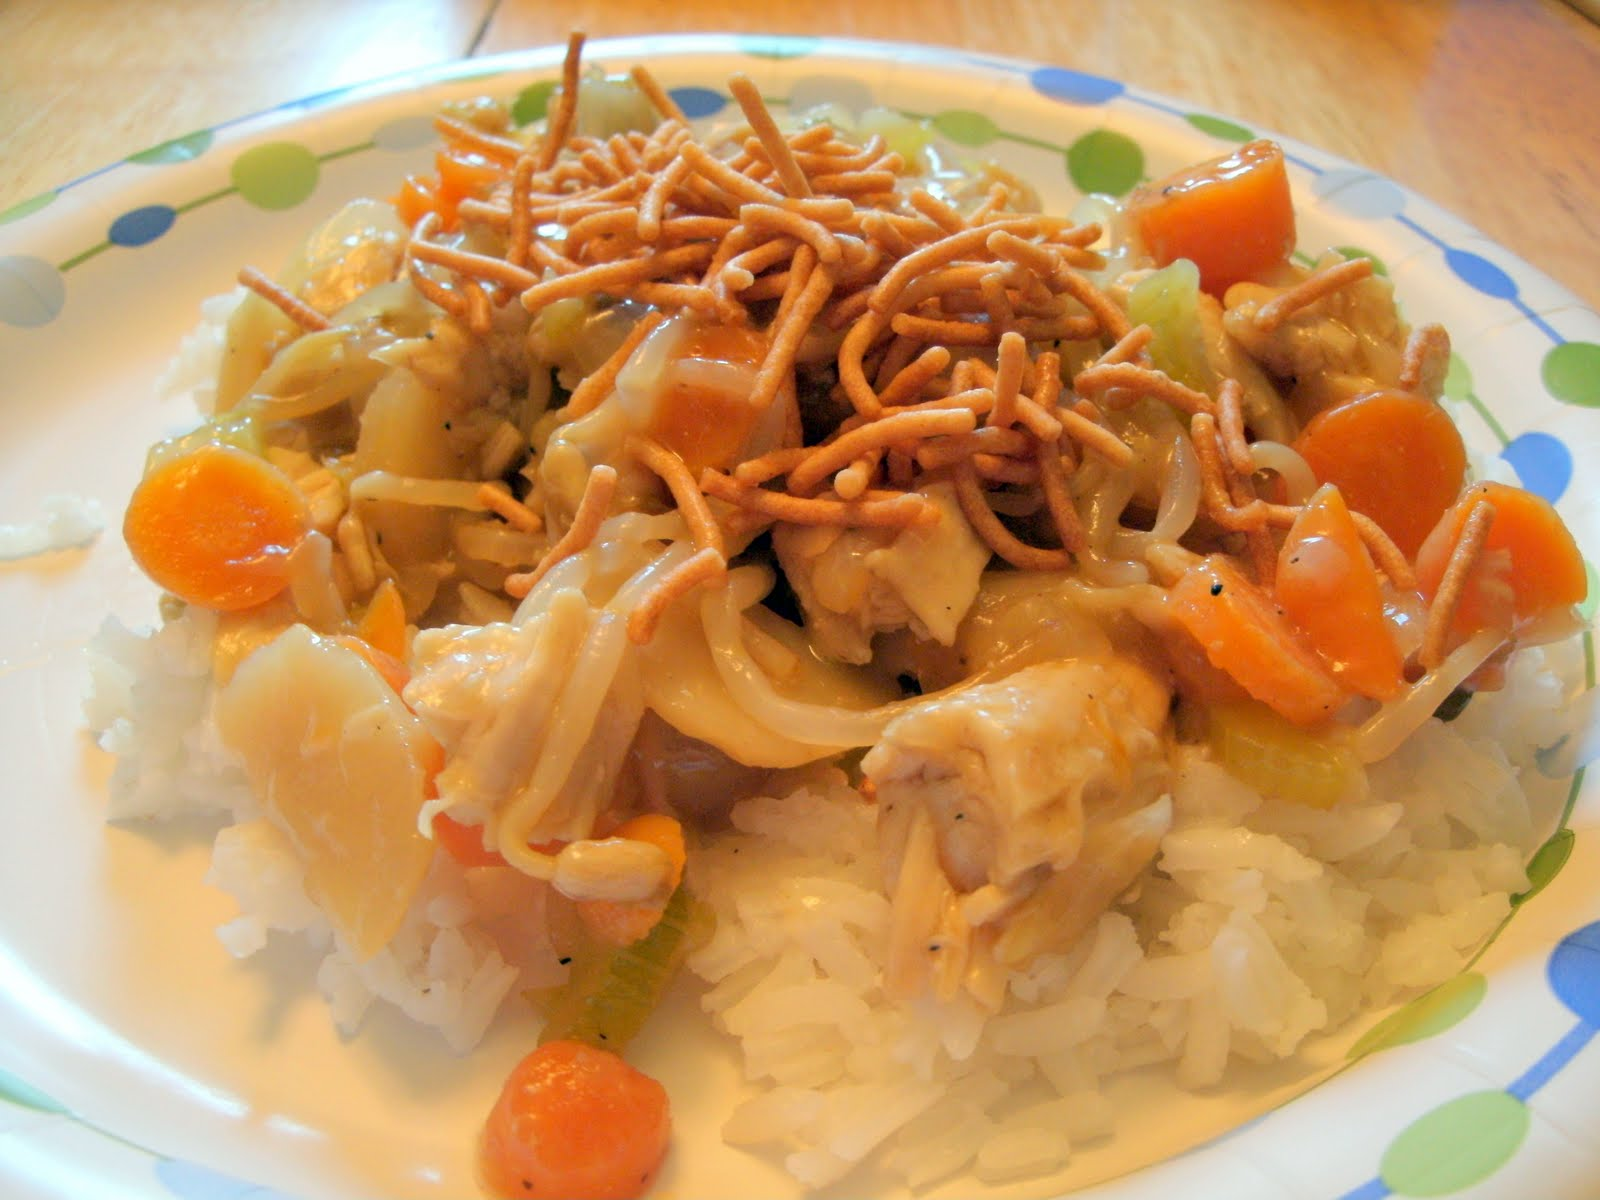 What we've got cookin': Chicken Chop Suey/Chow Mein